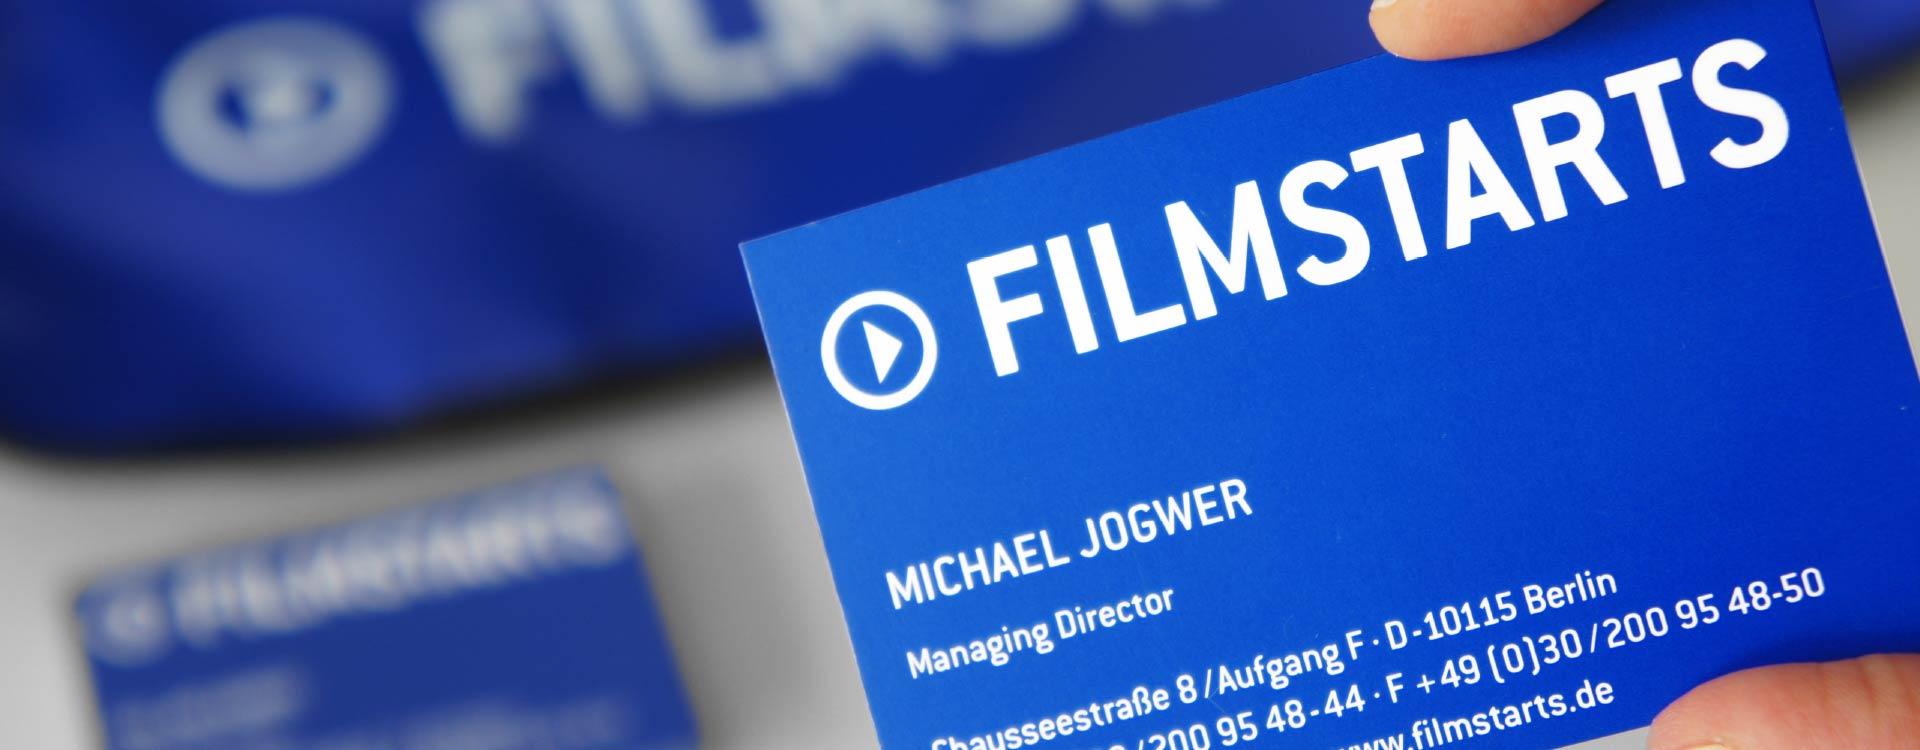 Business card for Filmstarts